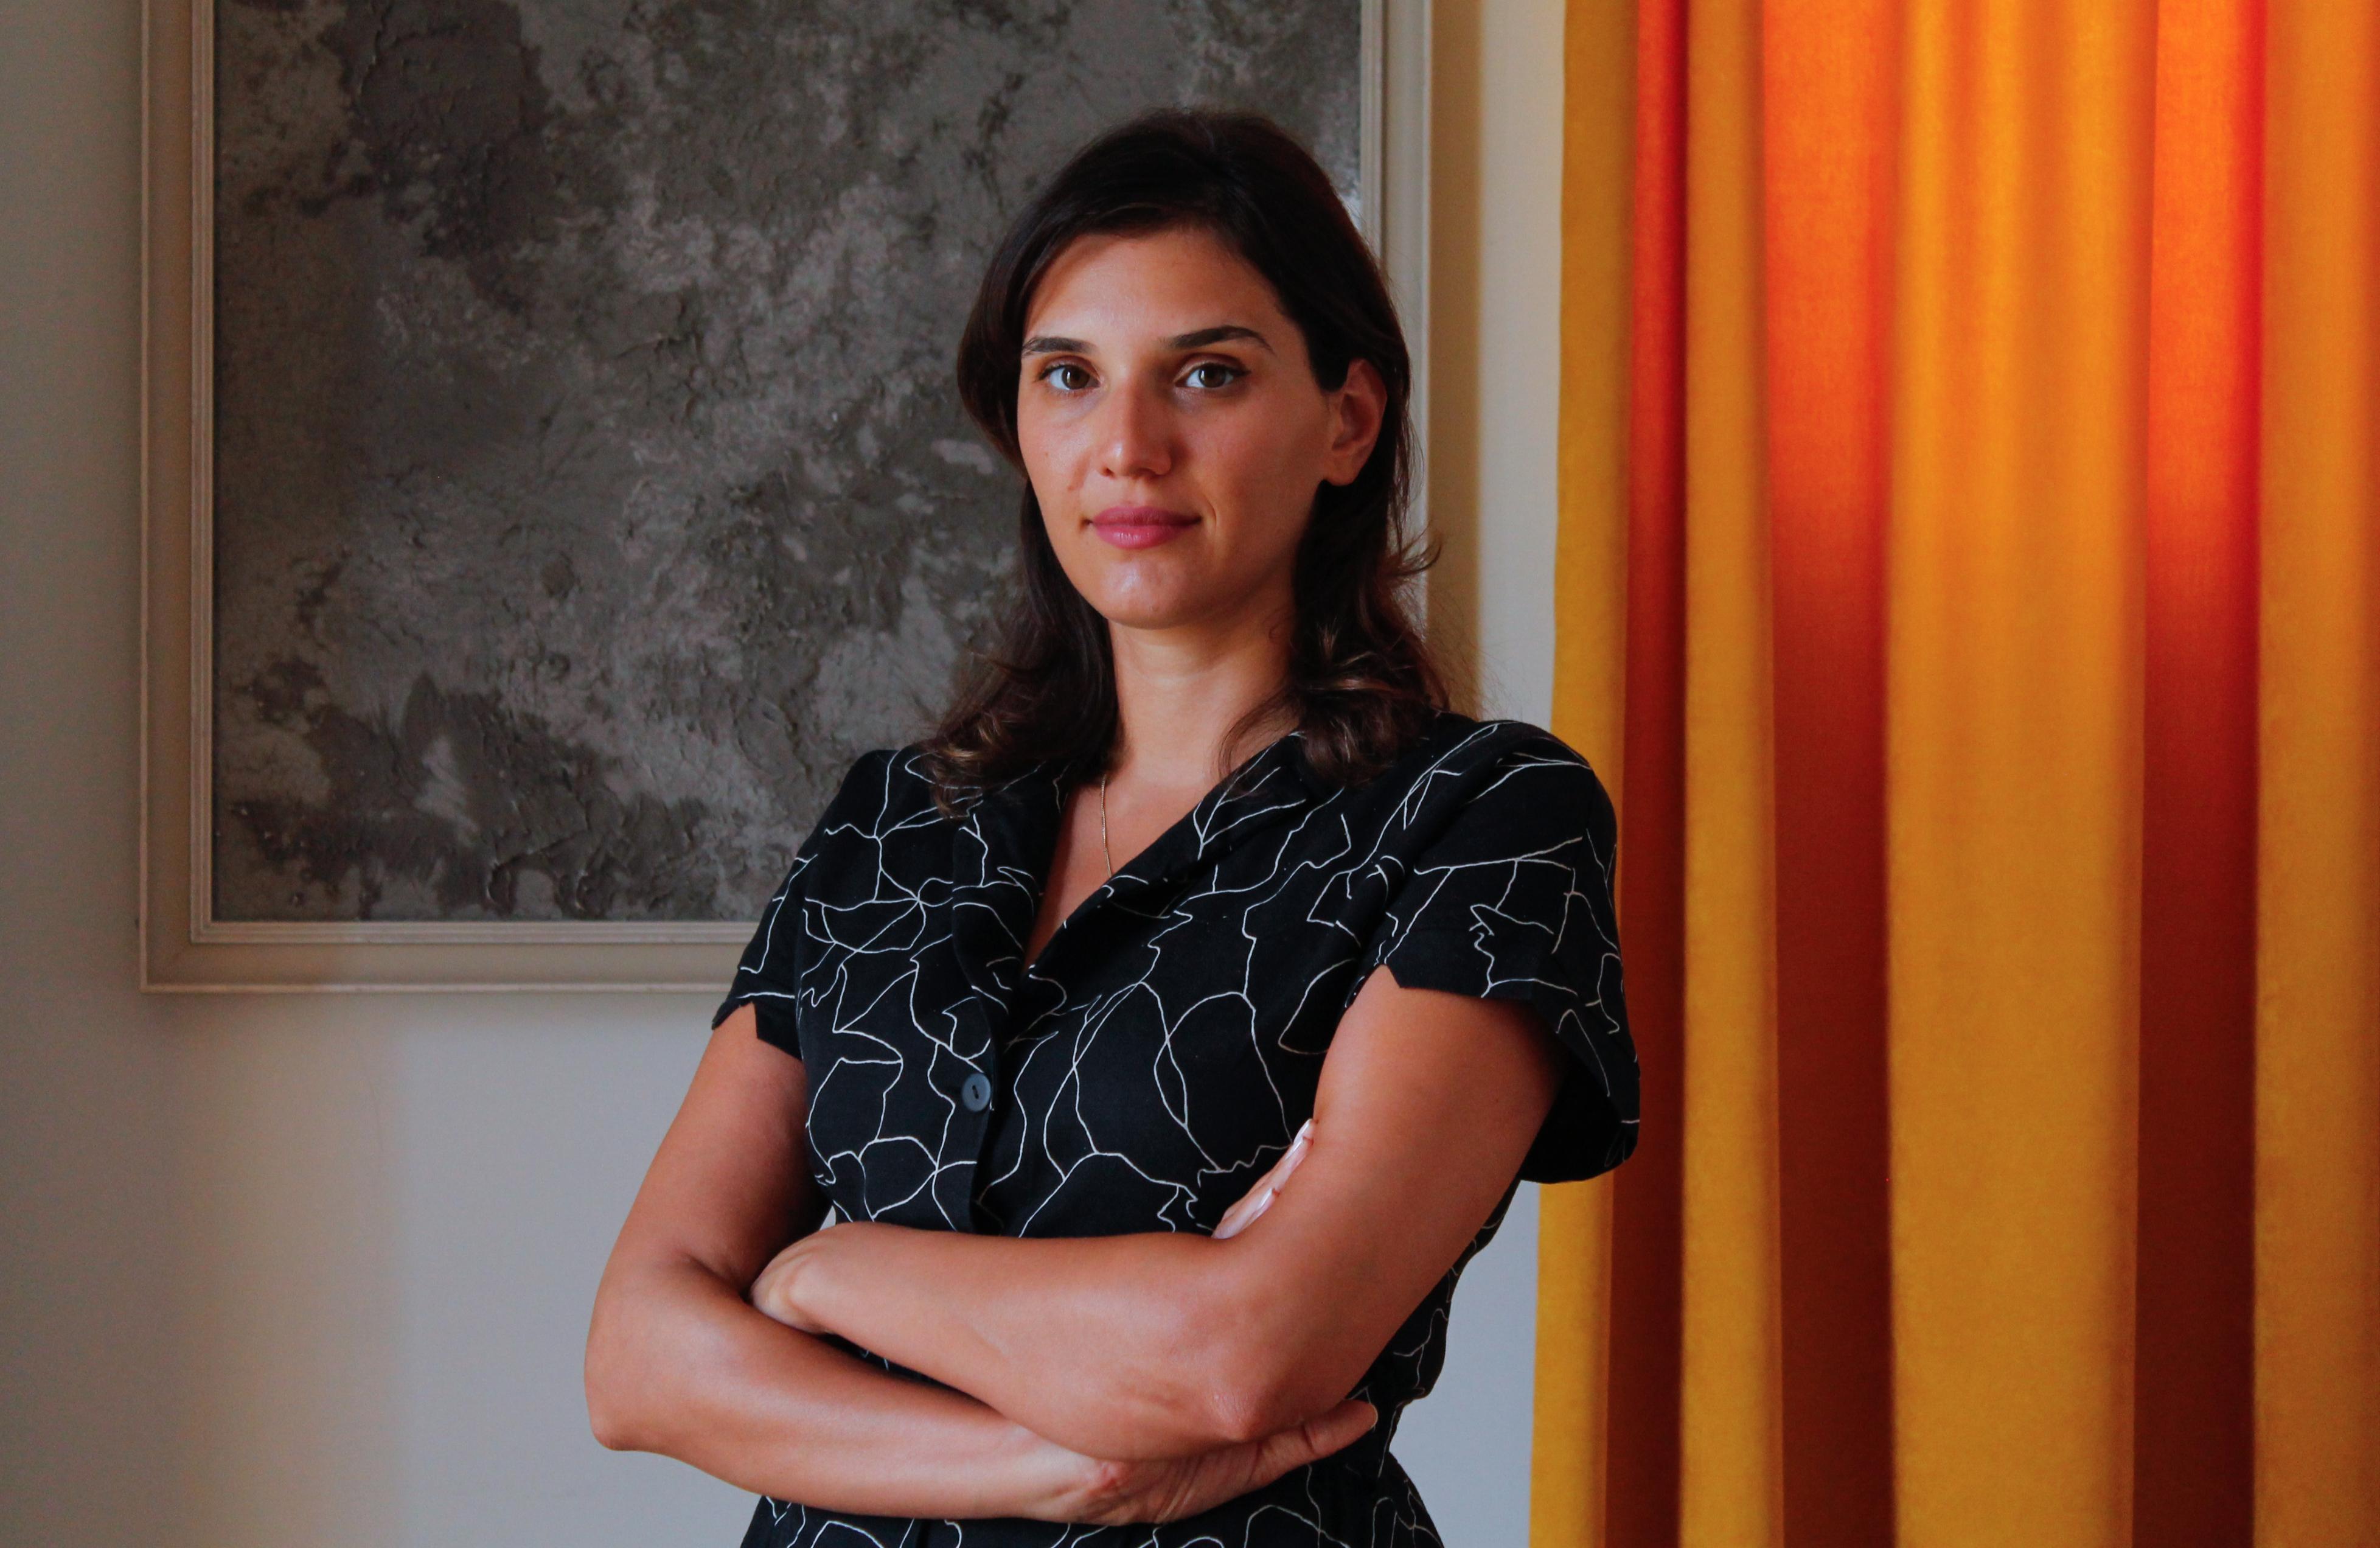 Ana Tekturmanidze